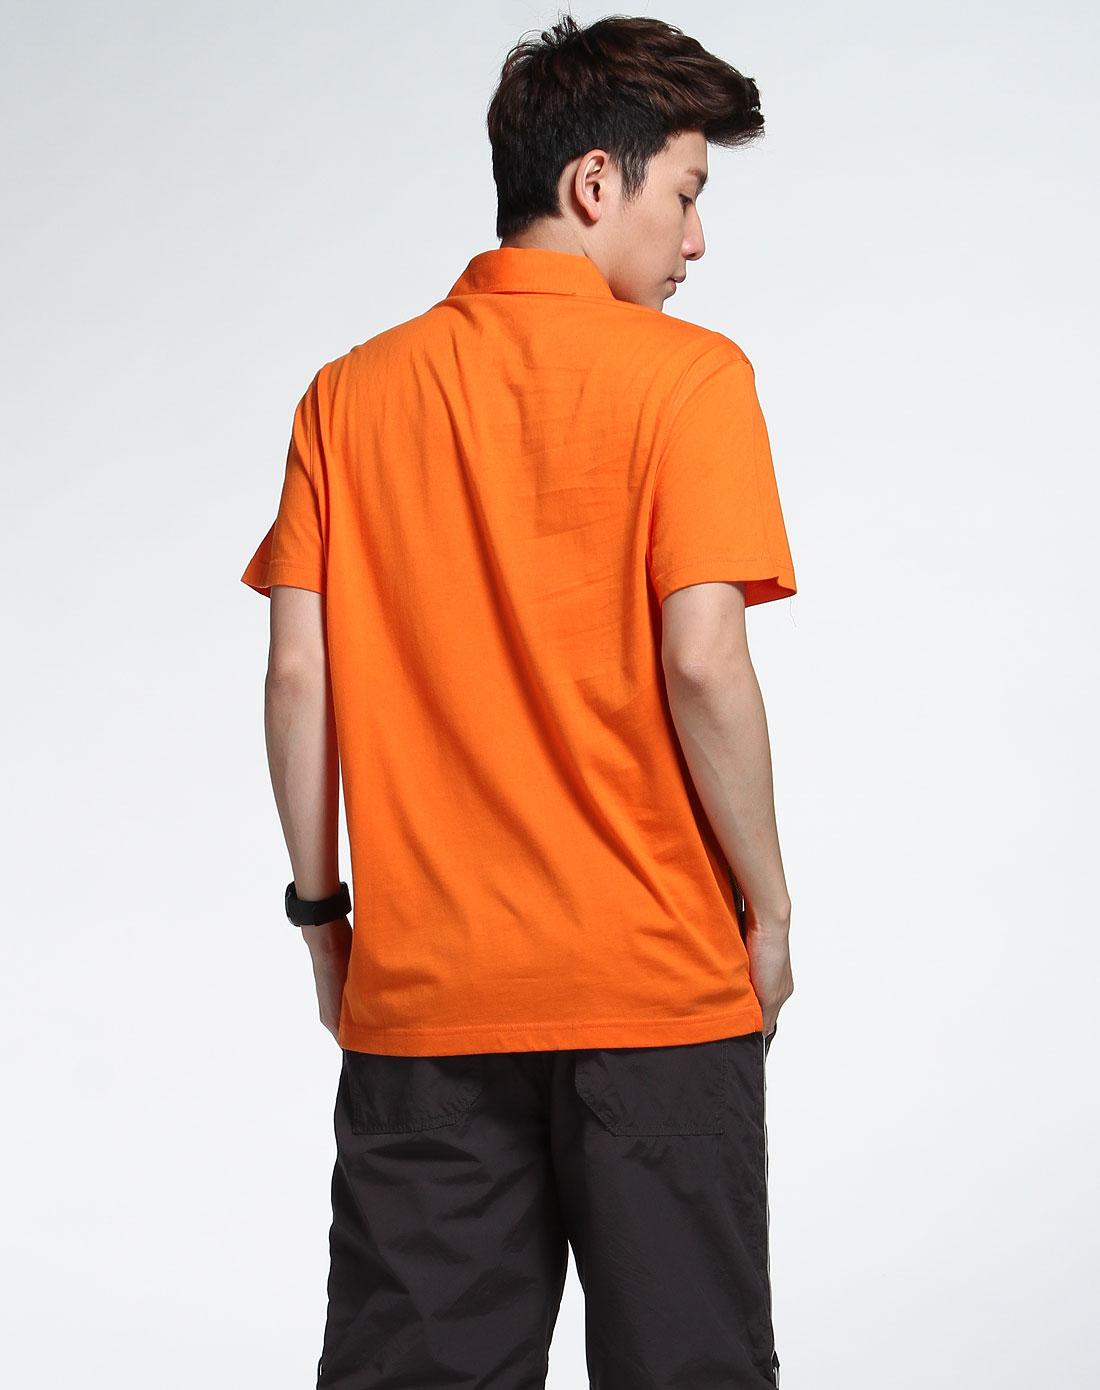 森马橙黄色短袖t恤002151125-311图片